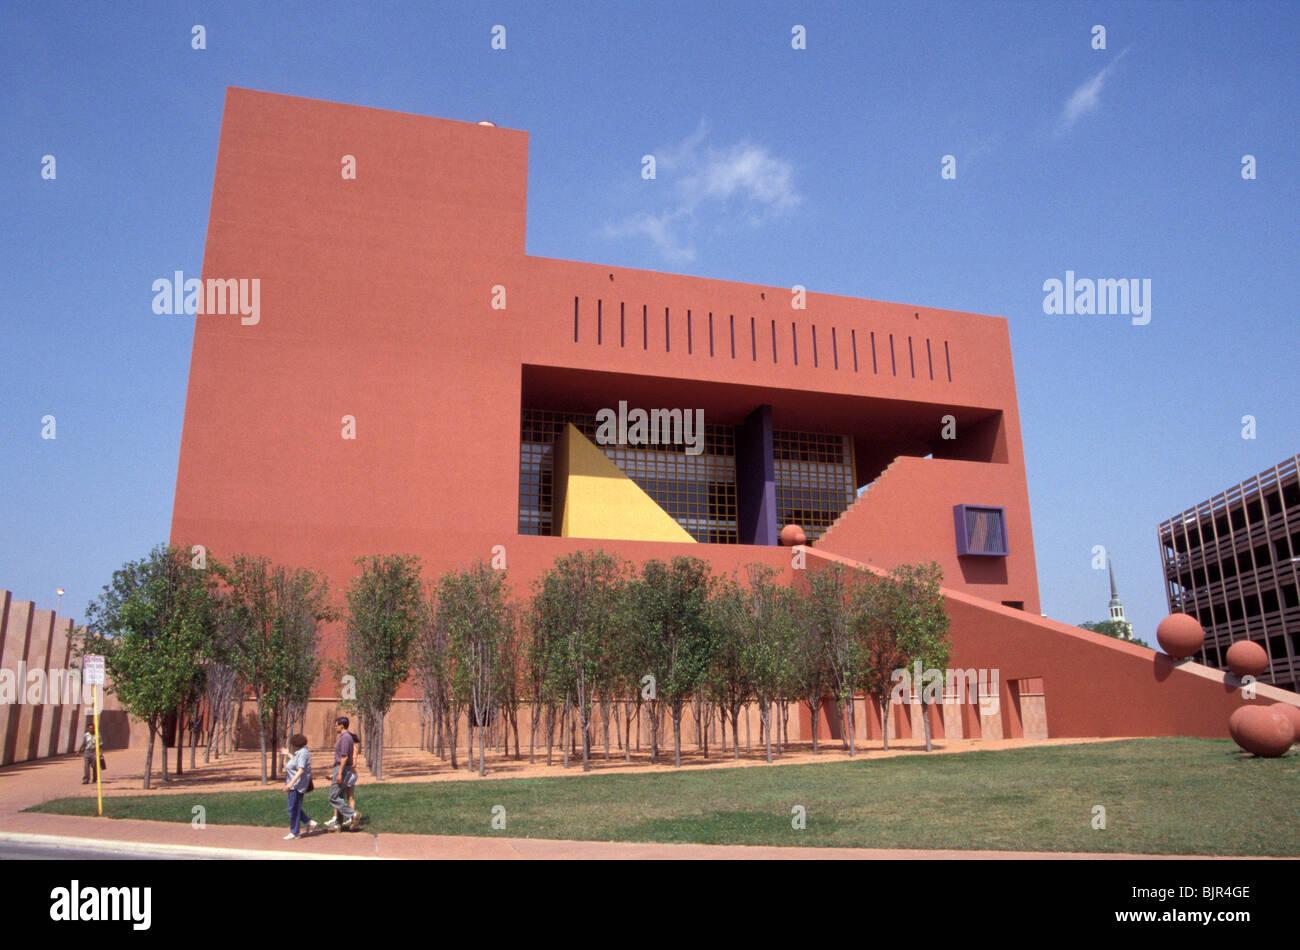 San antonio central library building designed by mexican for En que consiste la arquitectura